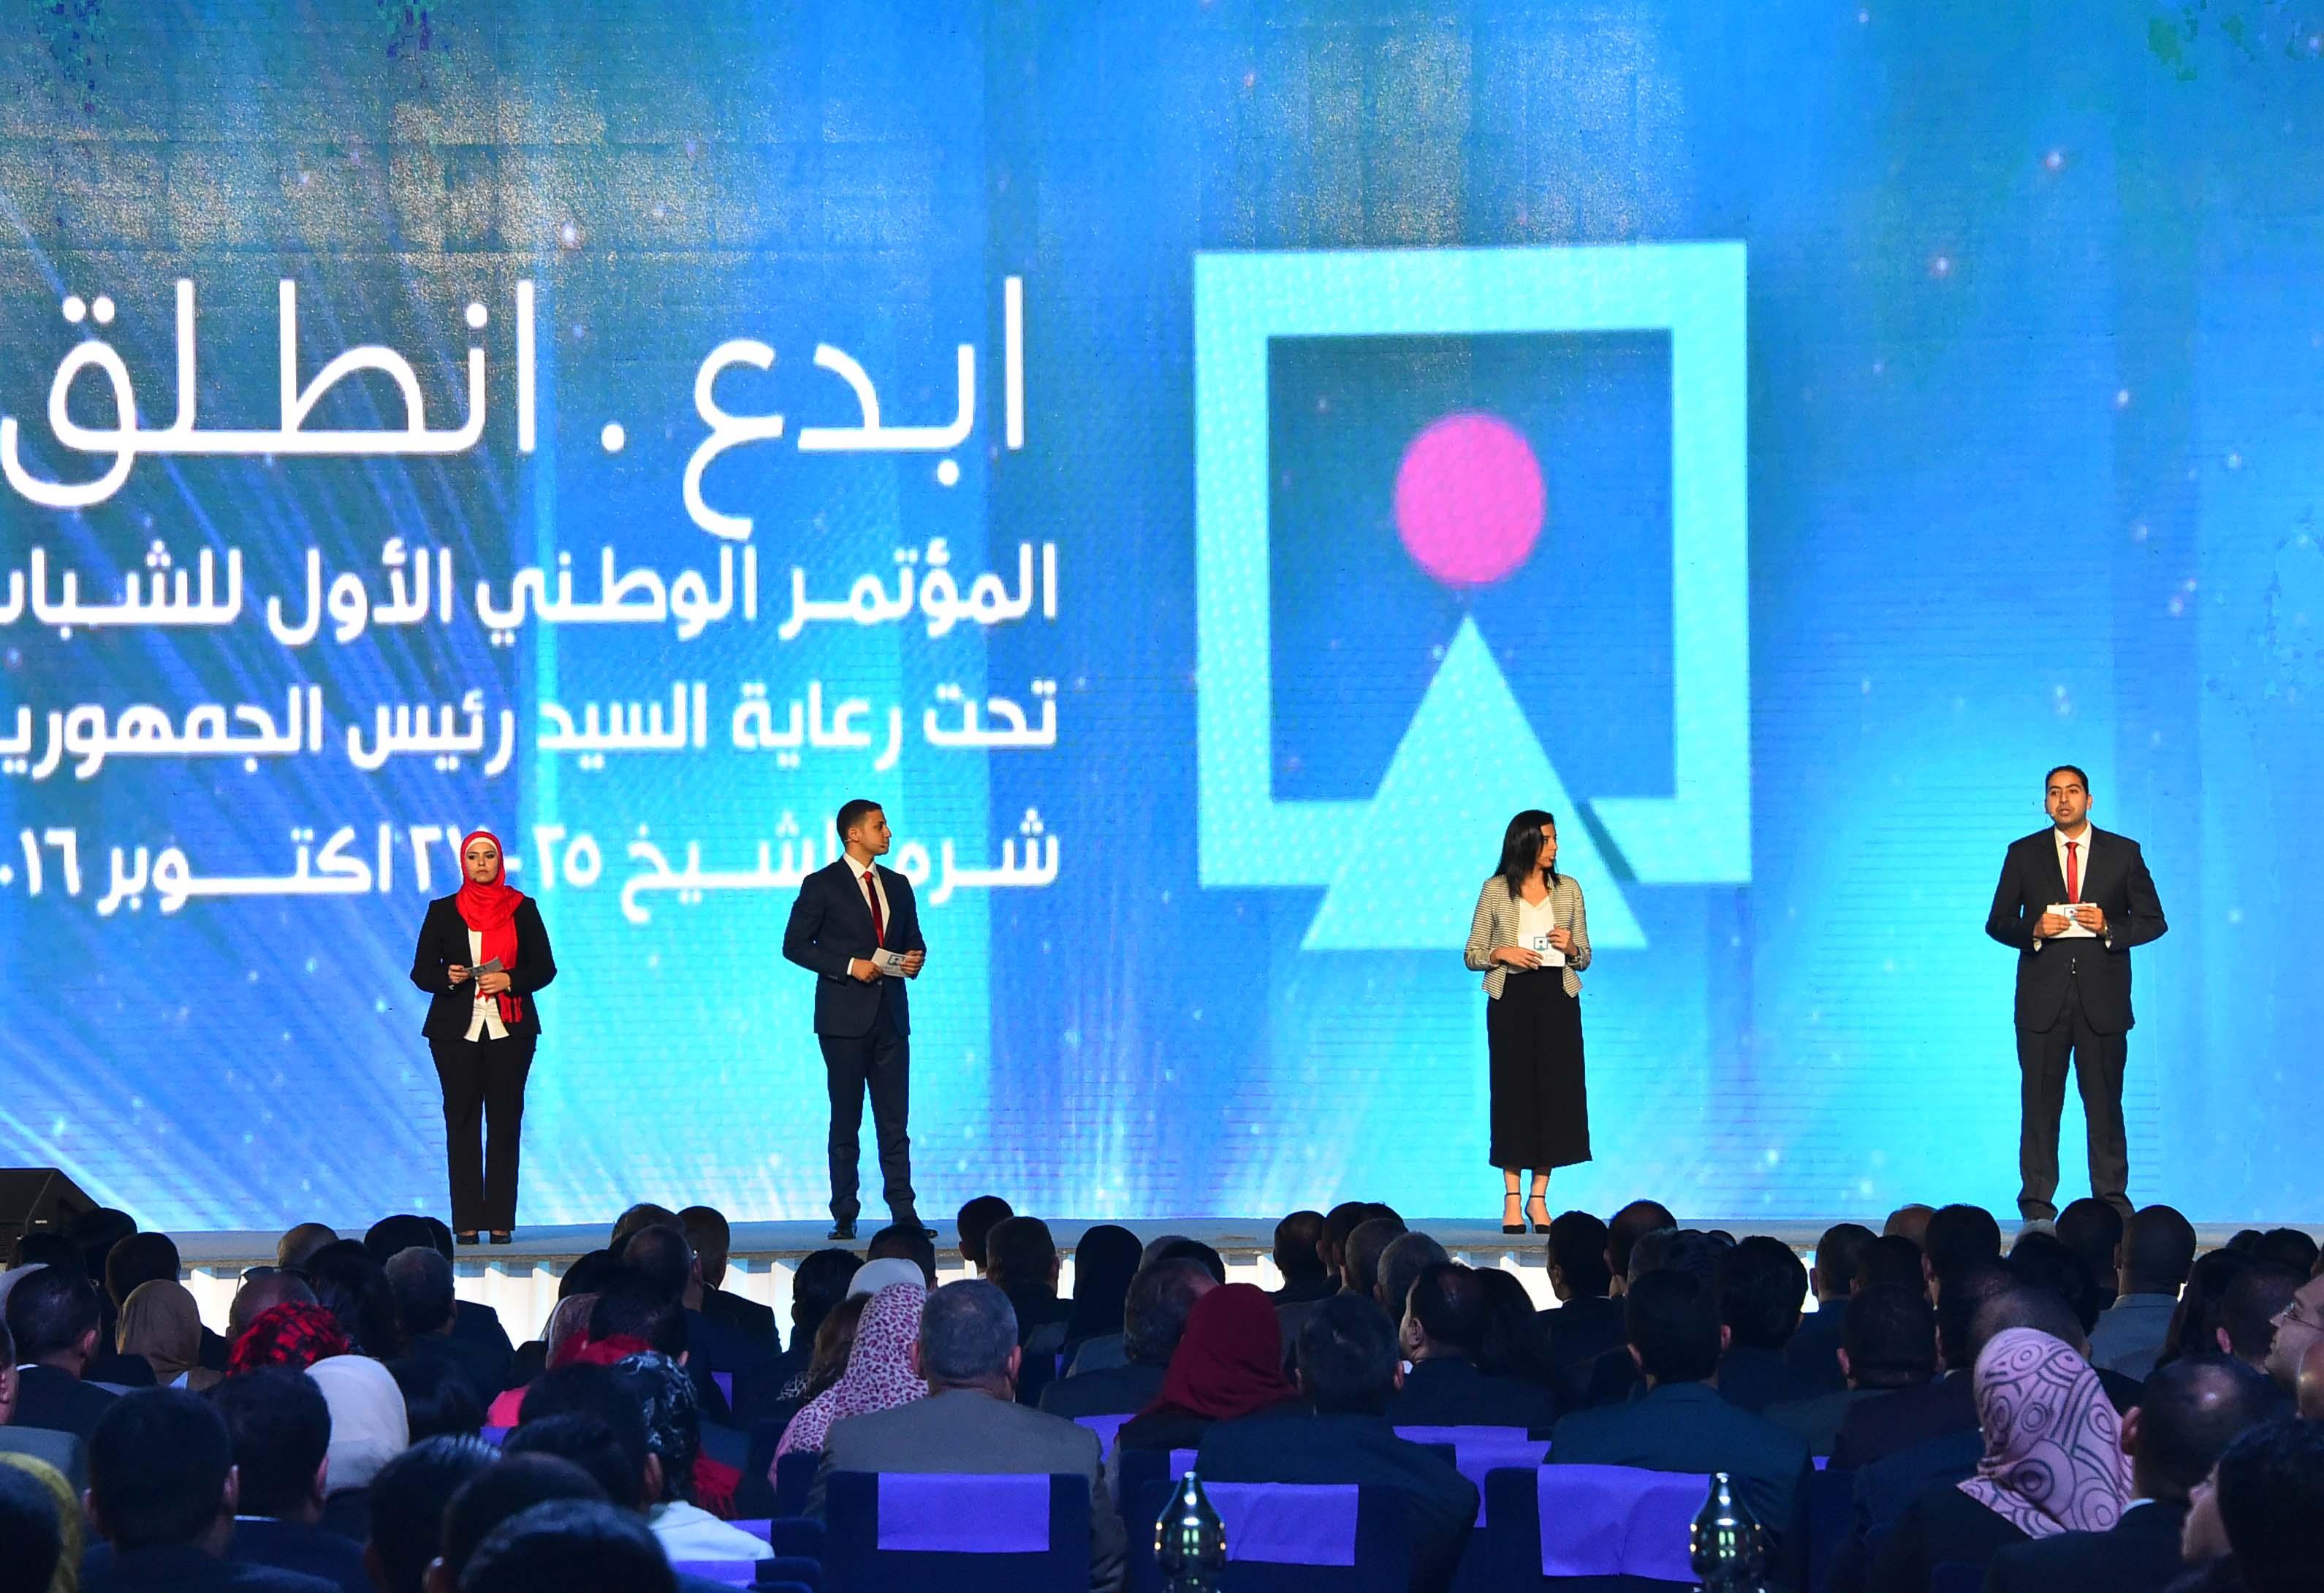 افتتاح مؤتمر الشباب (2)